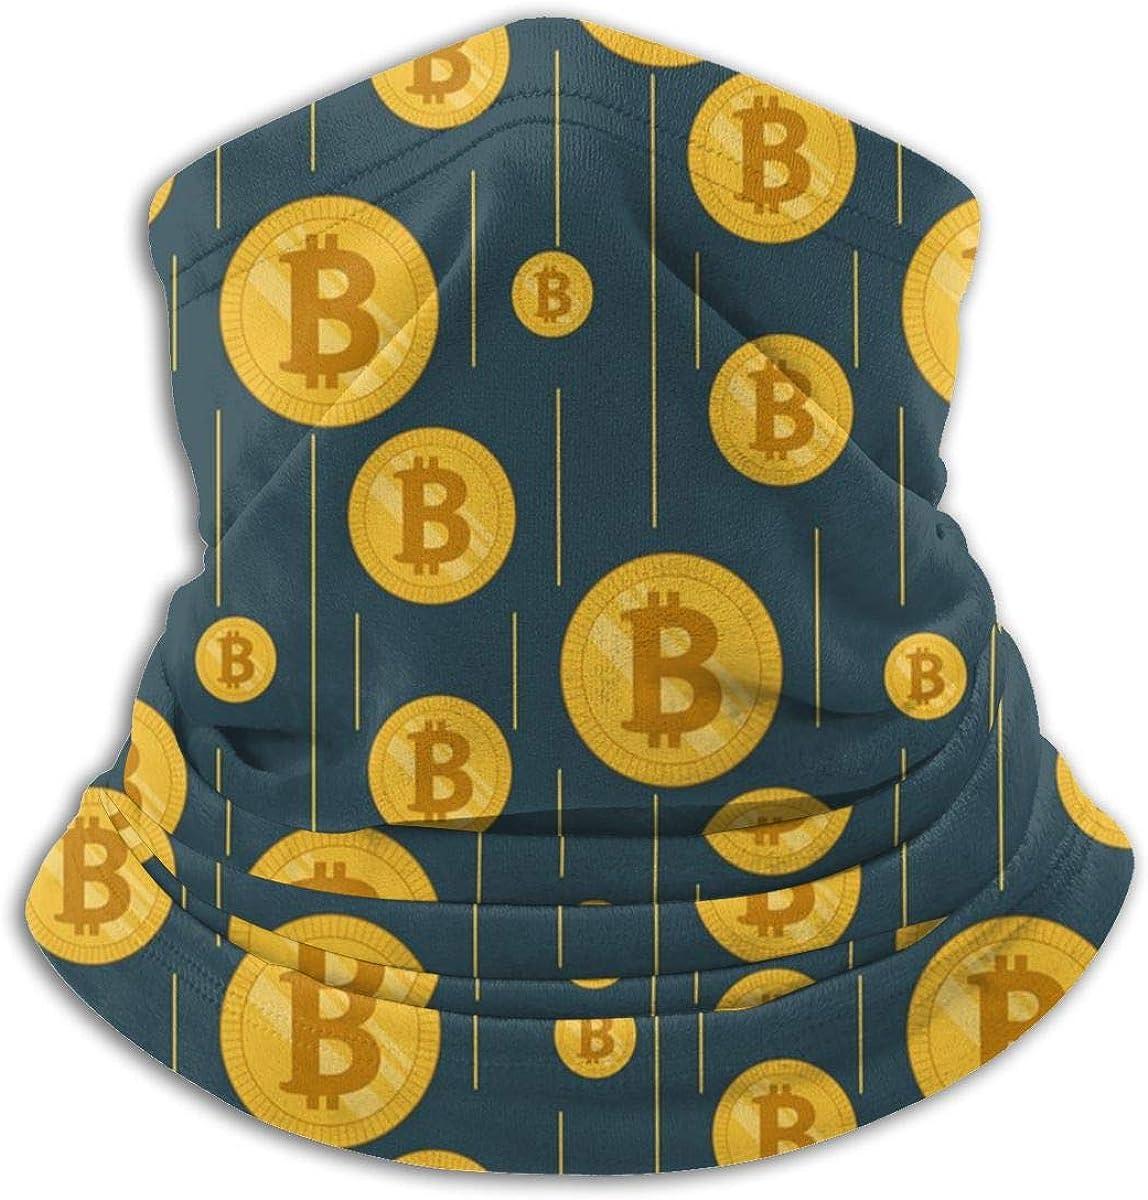 Golden Rain of Bitcoins Soft Fleece Neck Warmer Face Mask